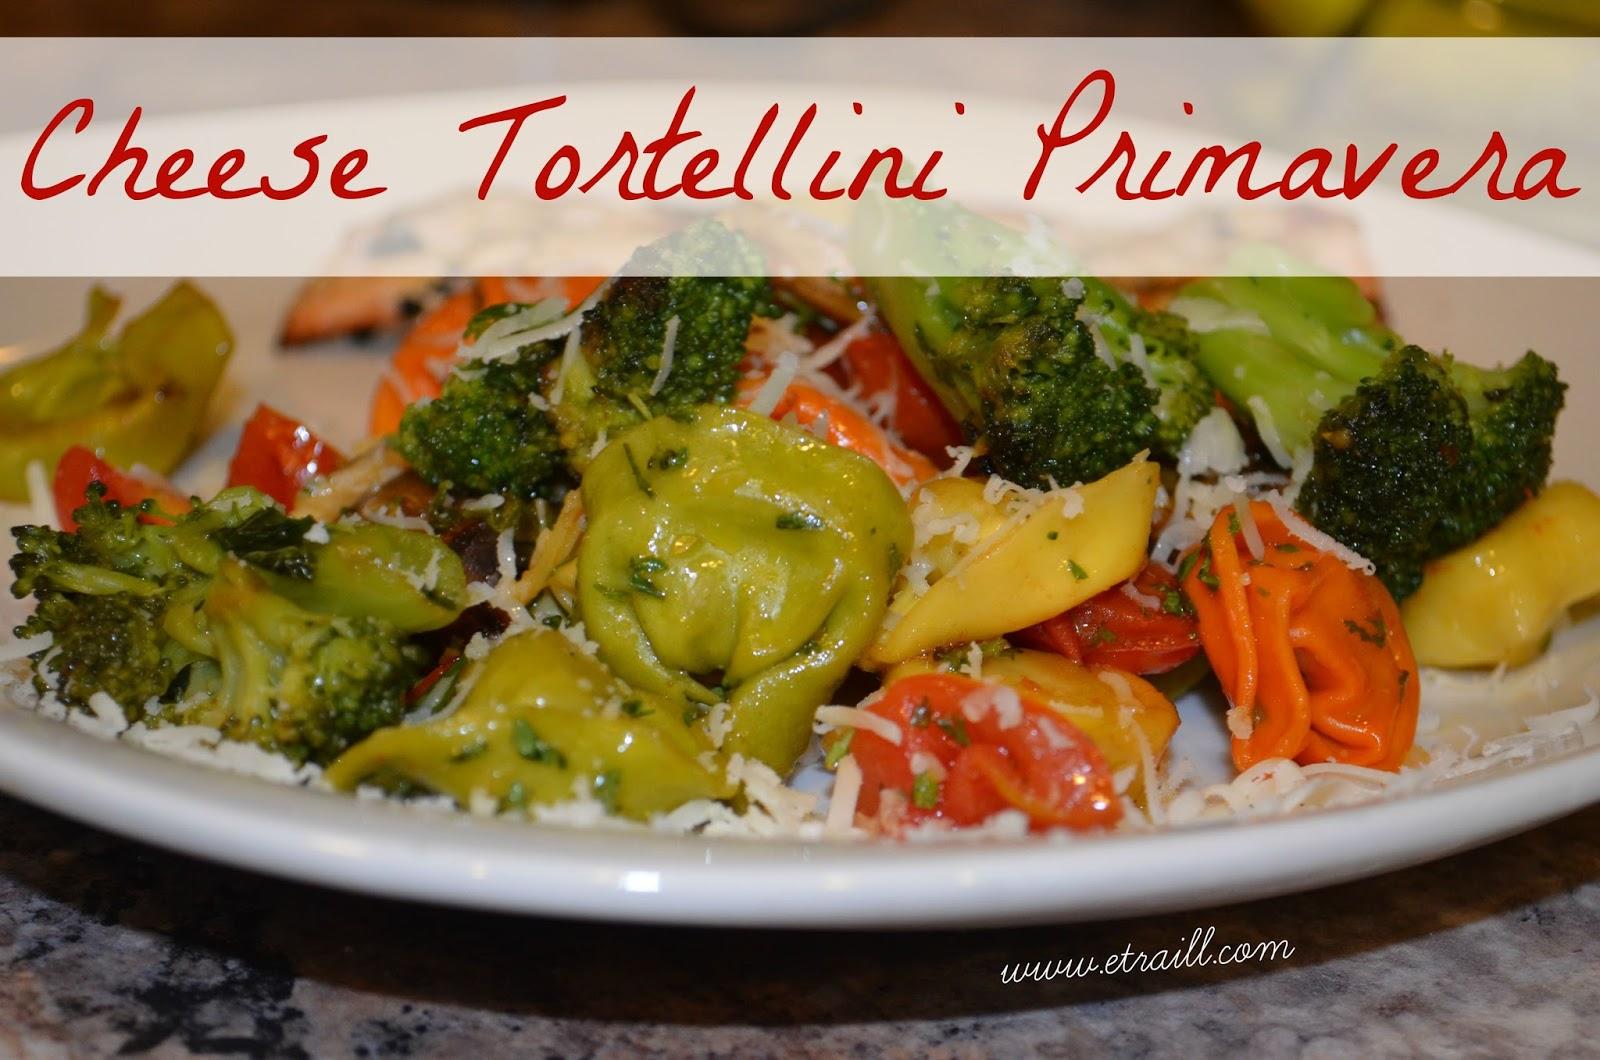 coach, healthy recipe, side dish, cheese tortellini primavera ...